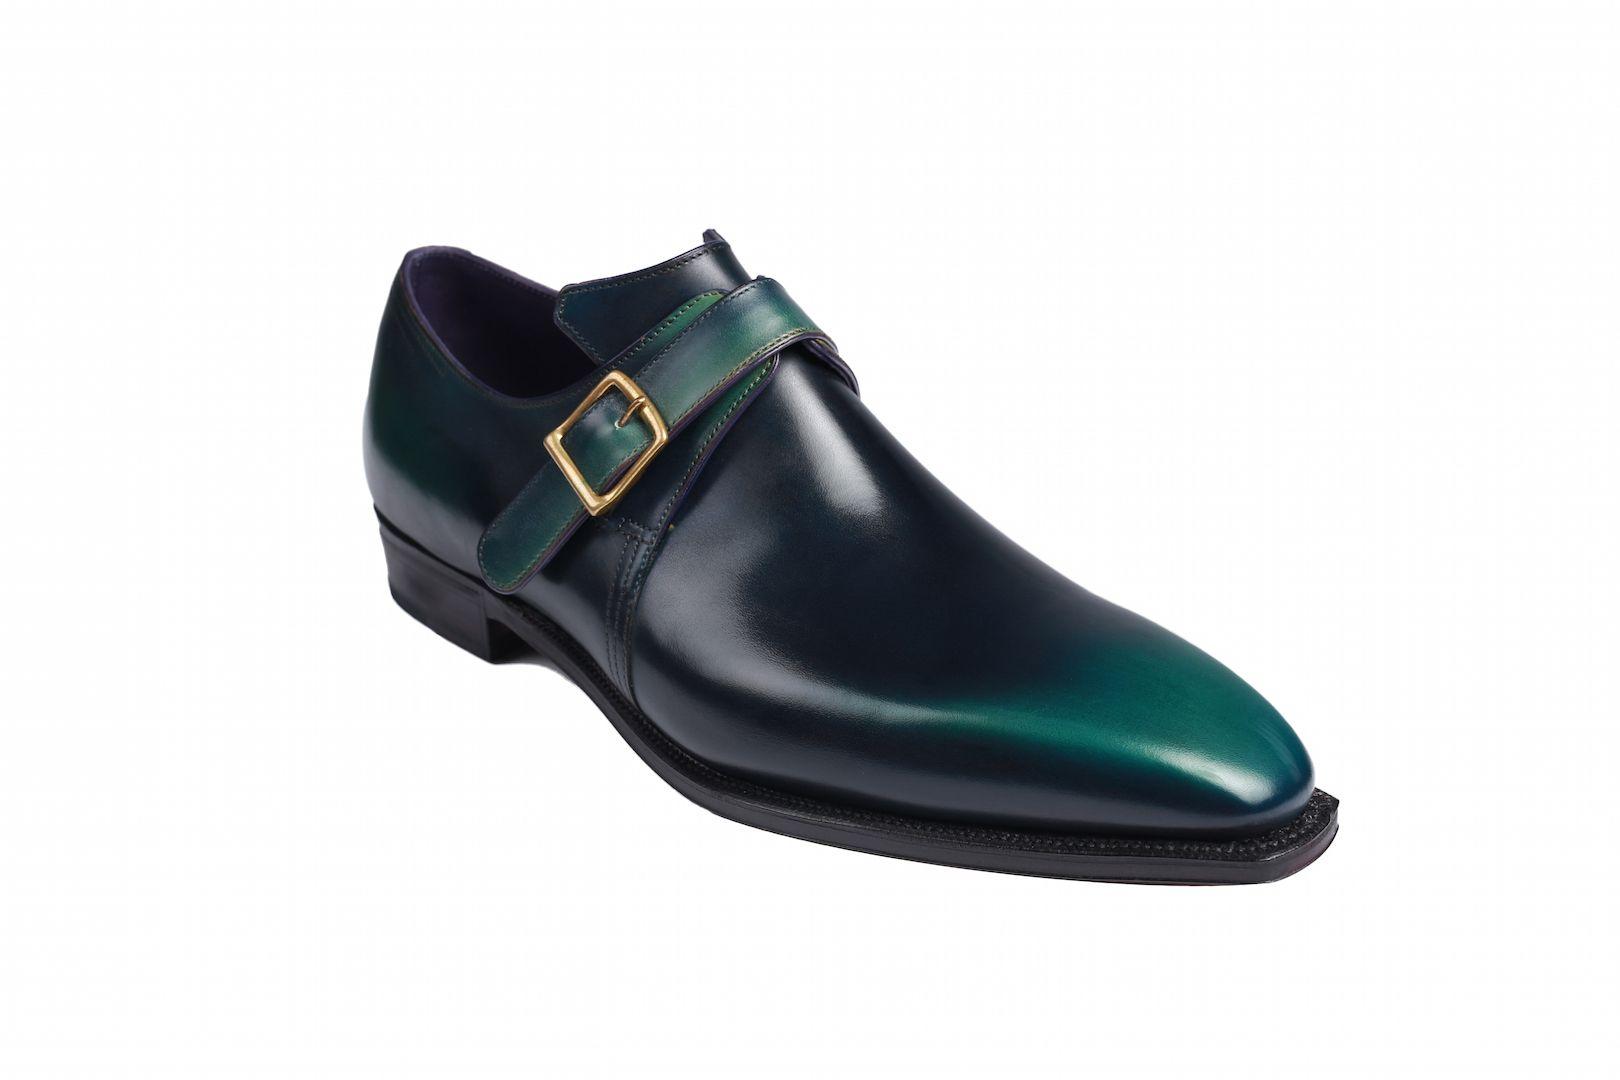 Arca Boucle Verts Costume Homme, Chaussures Pour Hommes, Chaussures  Habillées, Soulier Homme, 50df0046aec